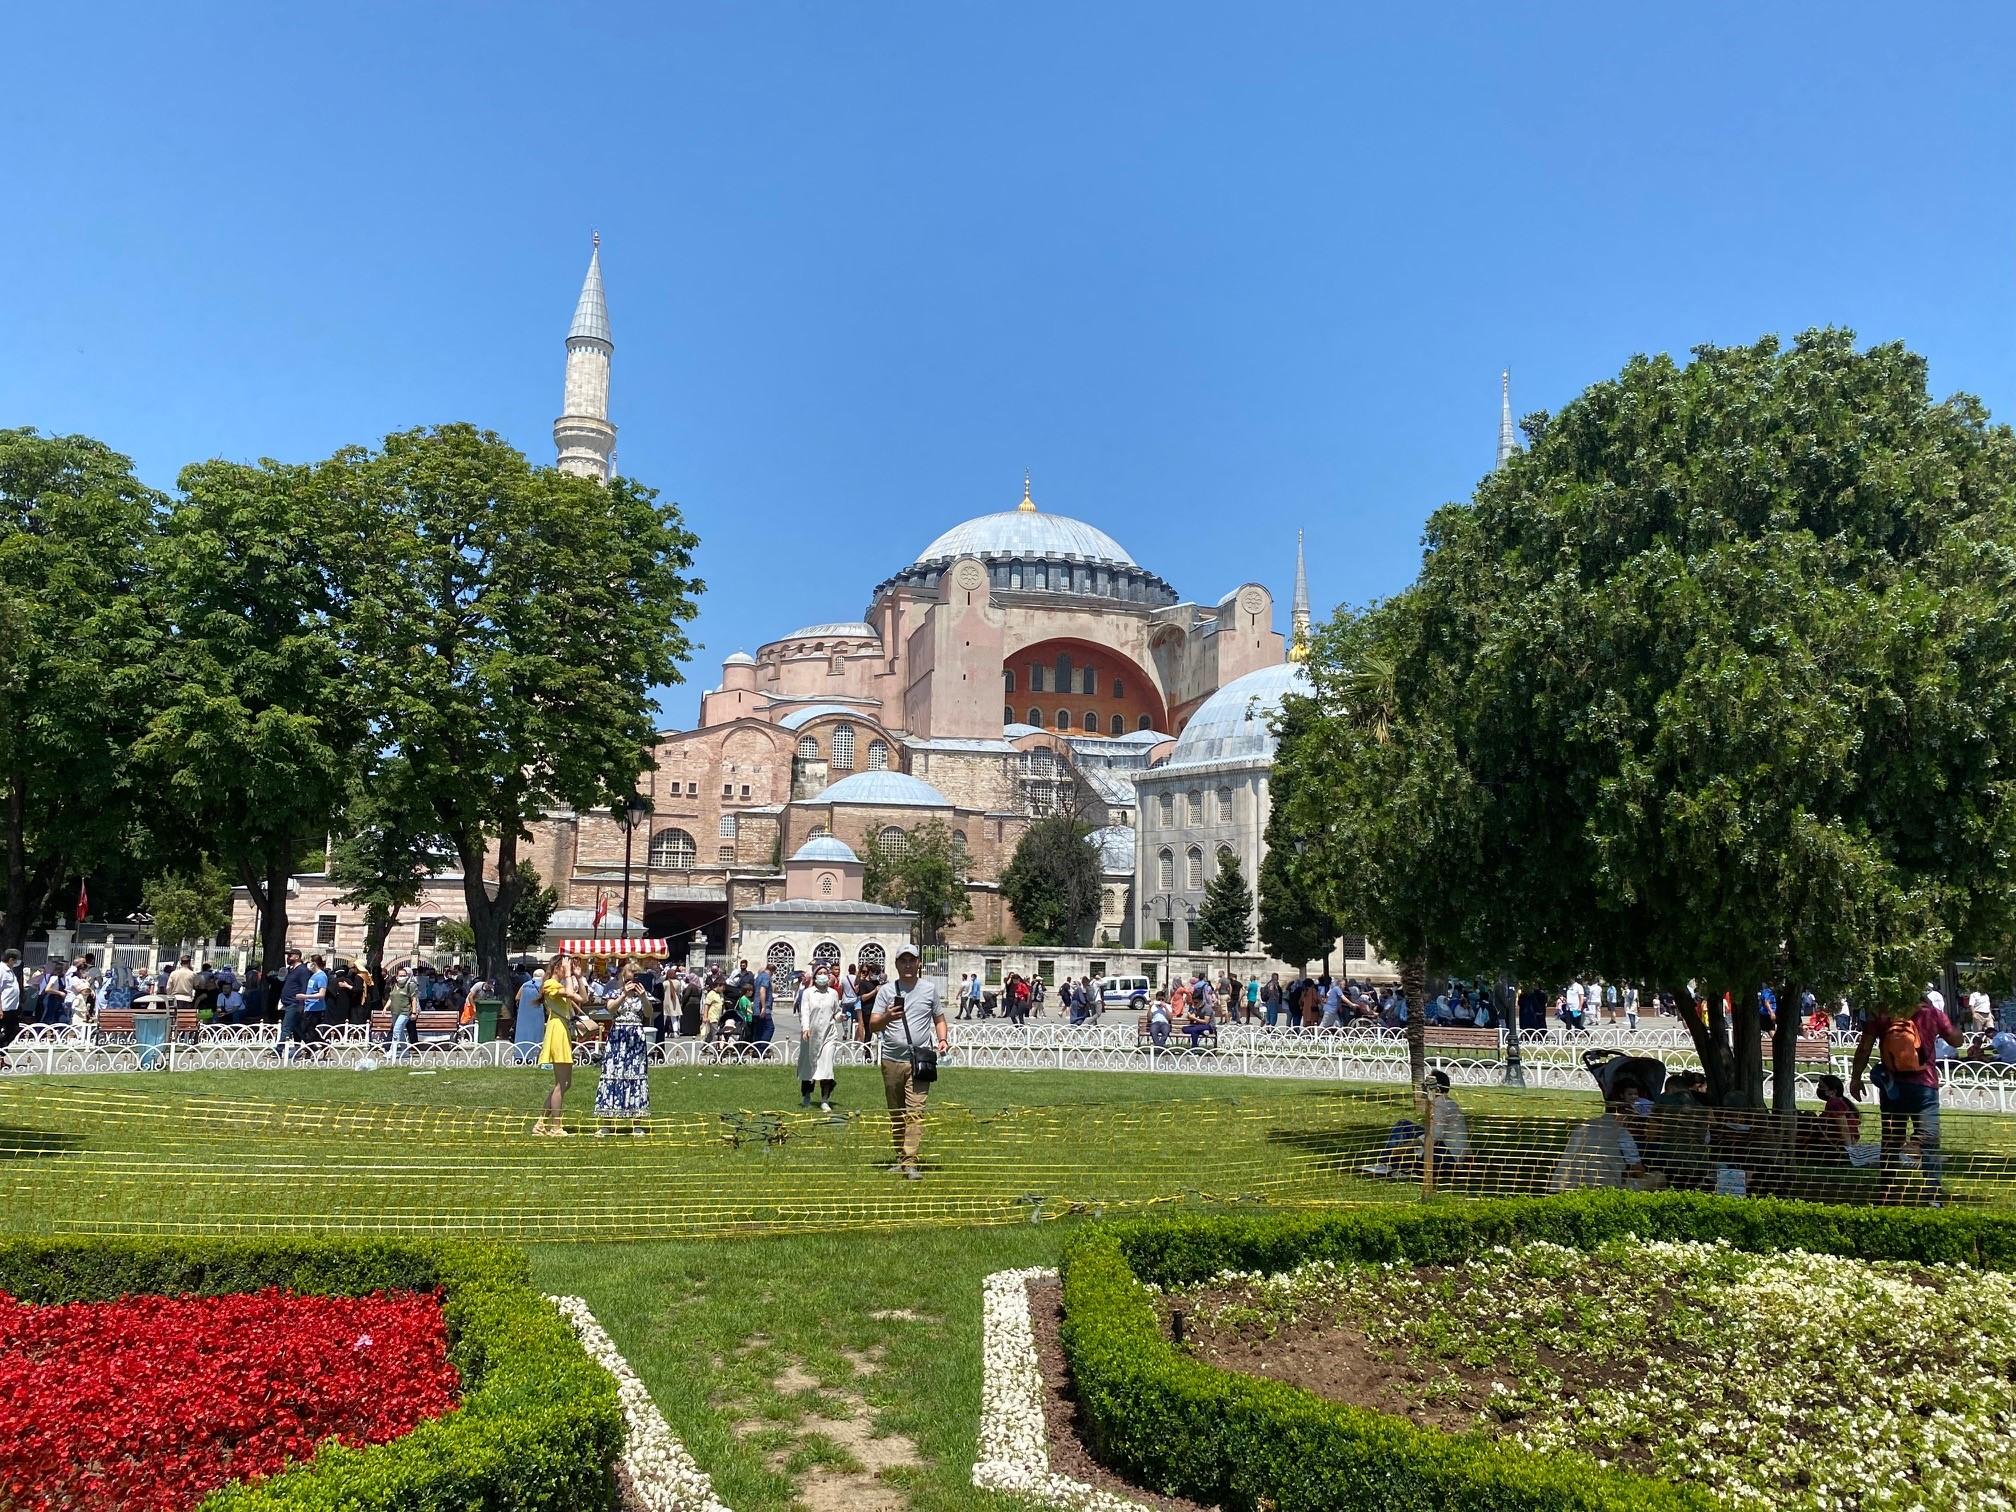 イスタンブール/トルコ ~歴史的観光都市のもう一つの顔、ボスポラス海峡から黒海へ~